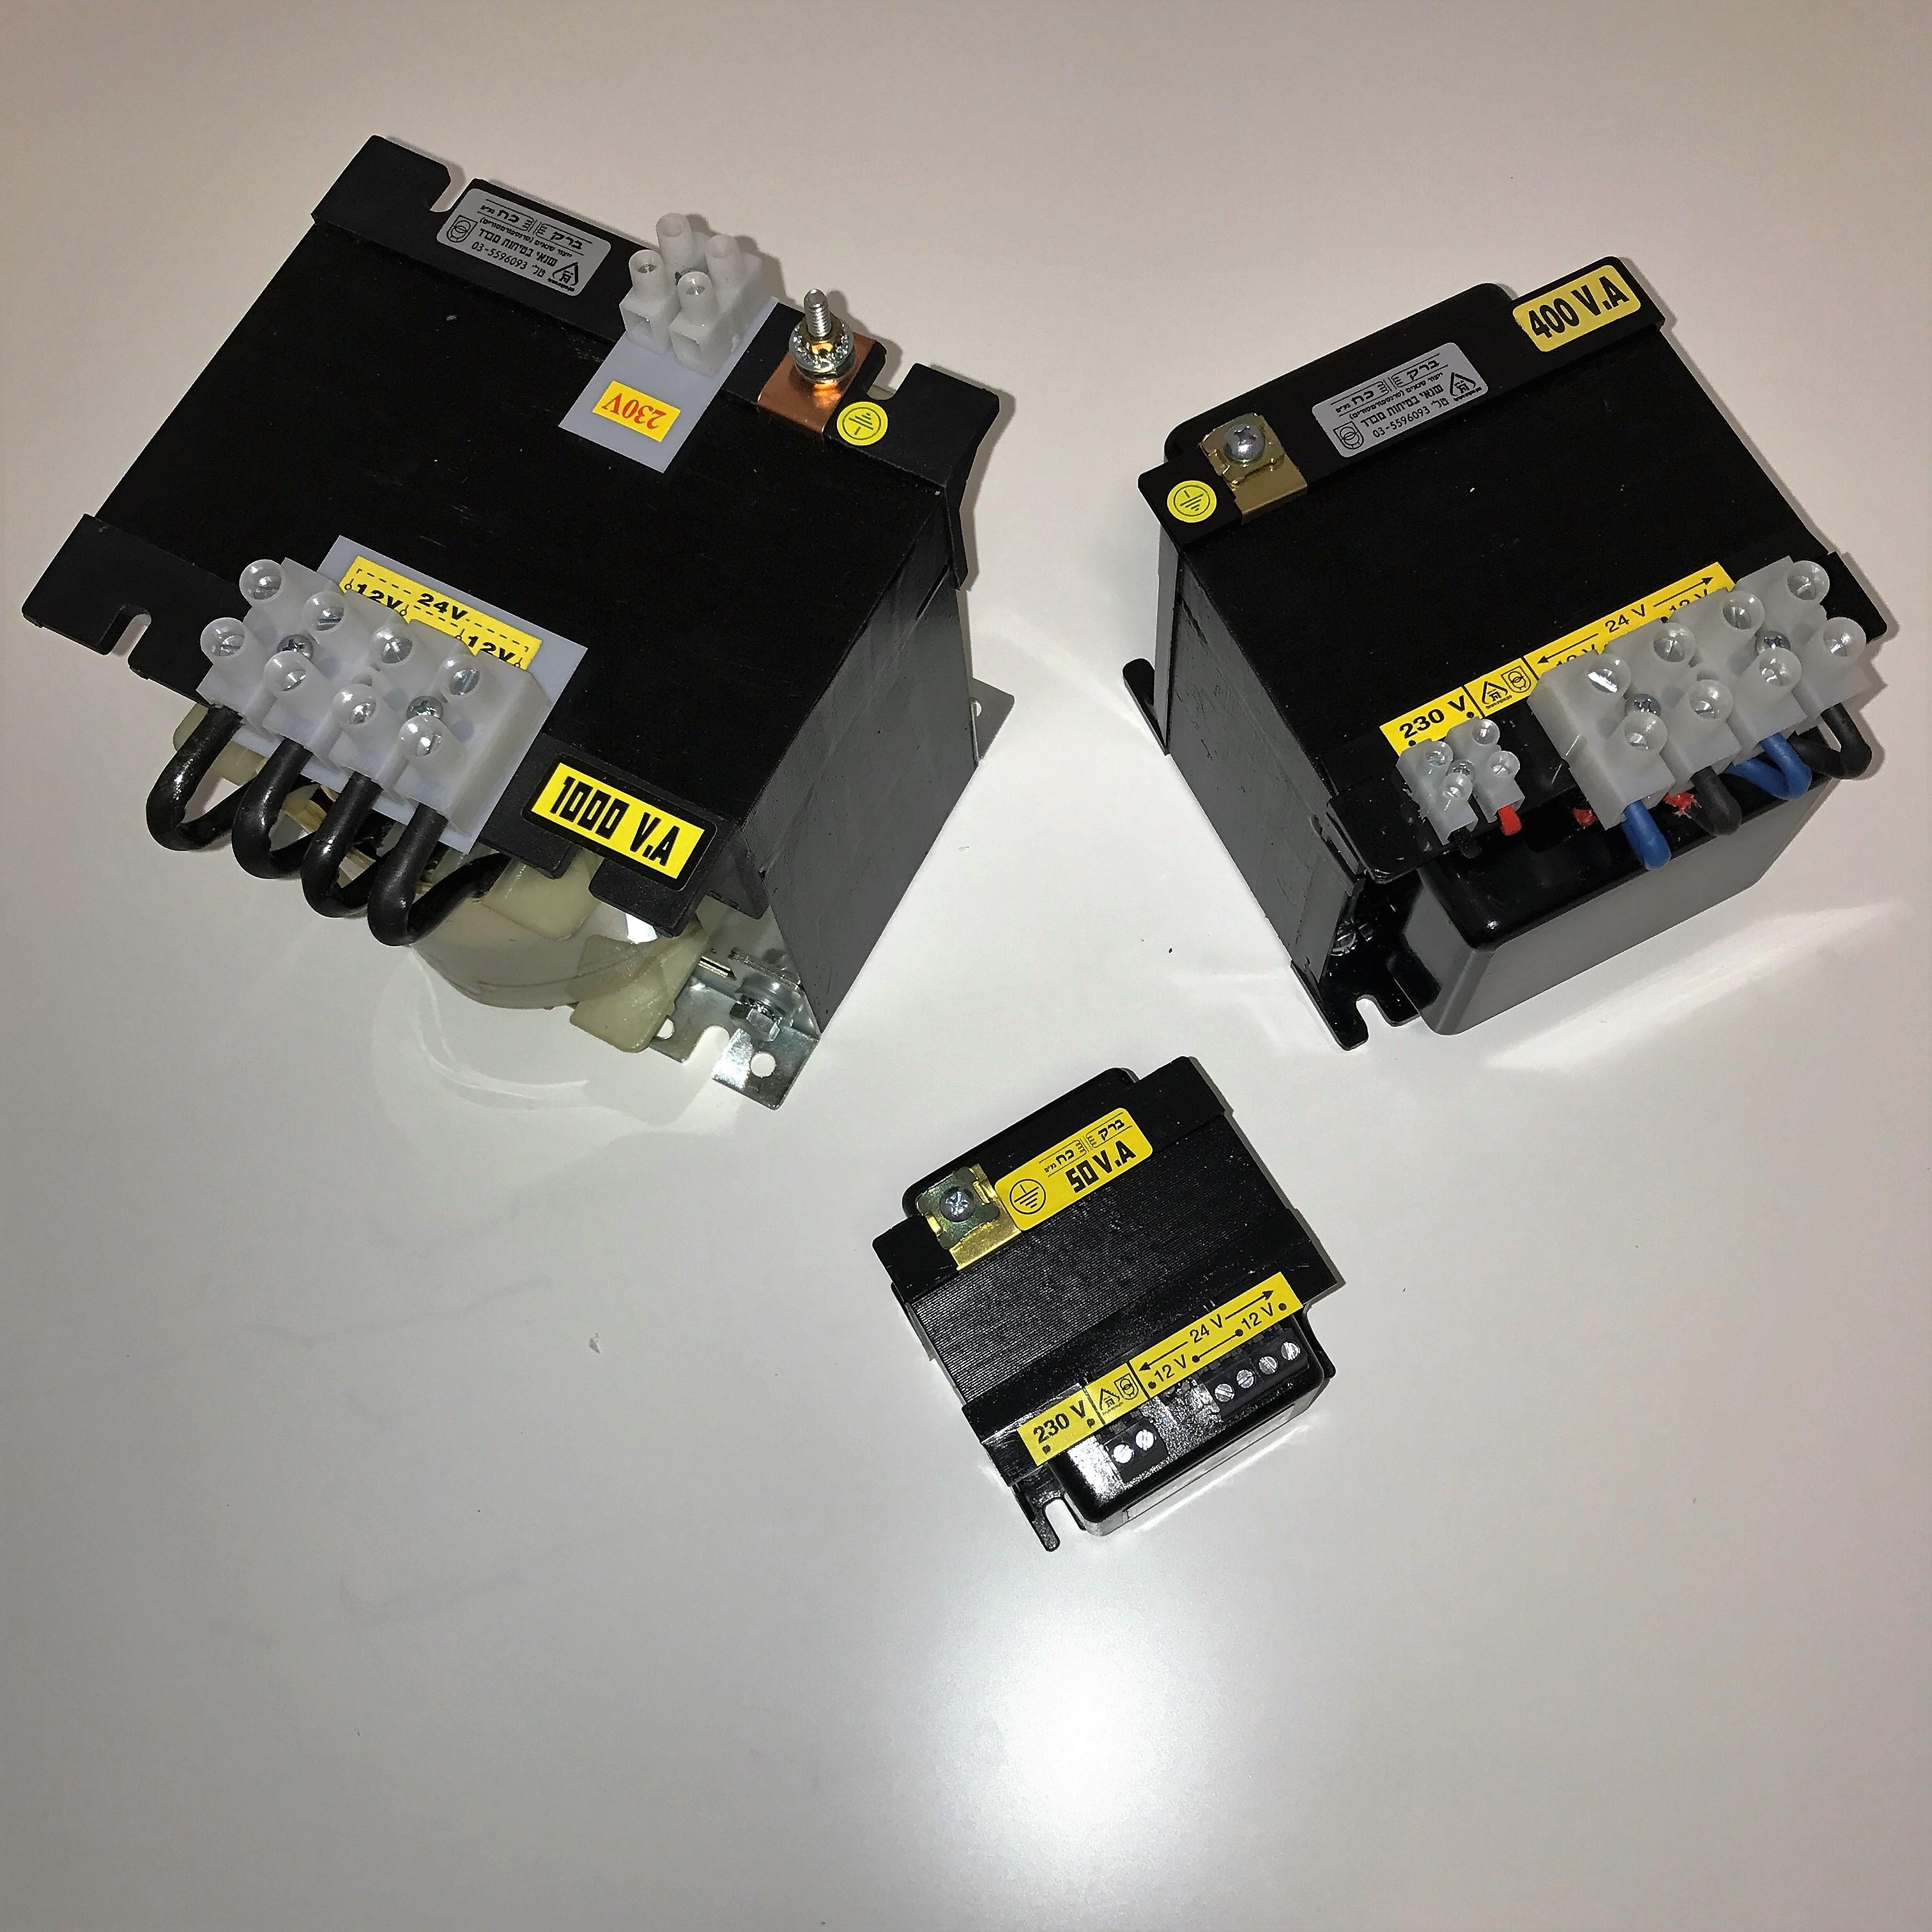 שנאי מבדל בהספק 10000VA במתחים 230V-12V